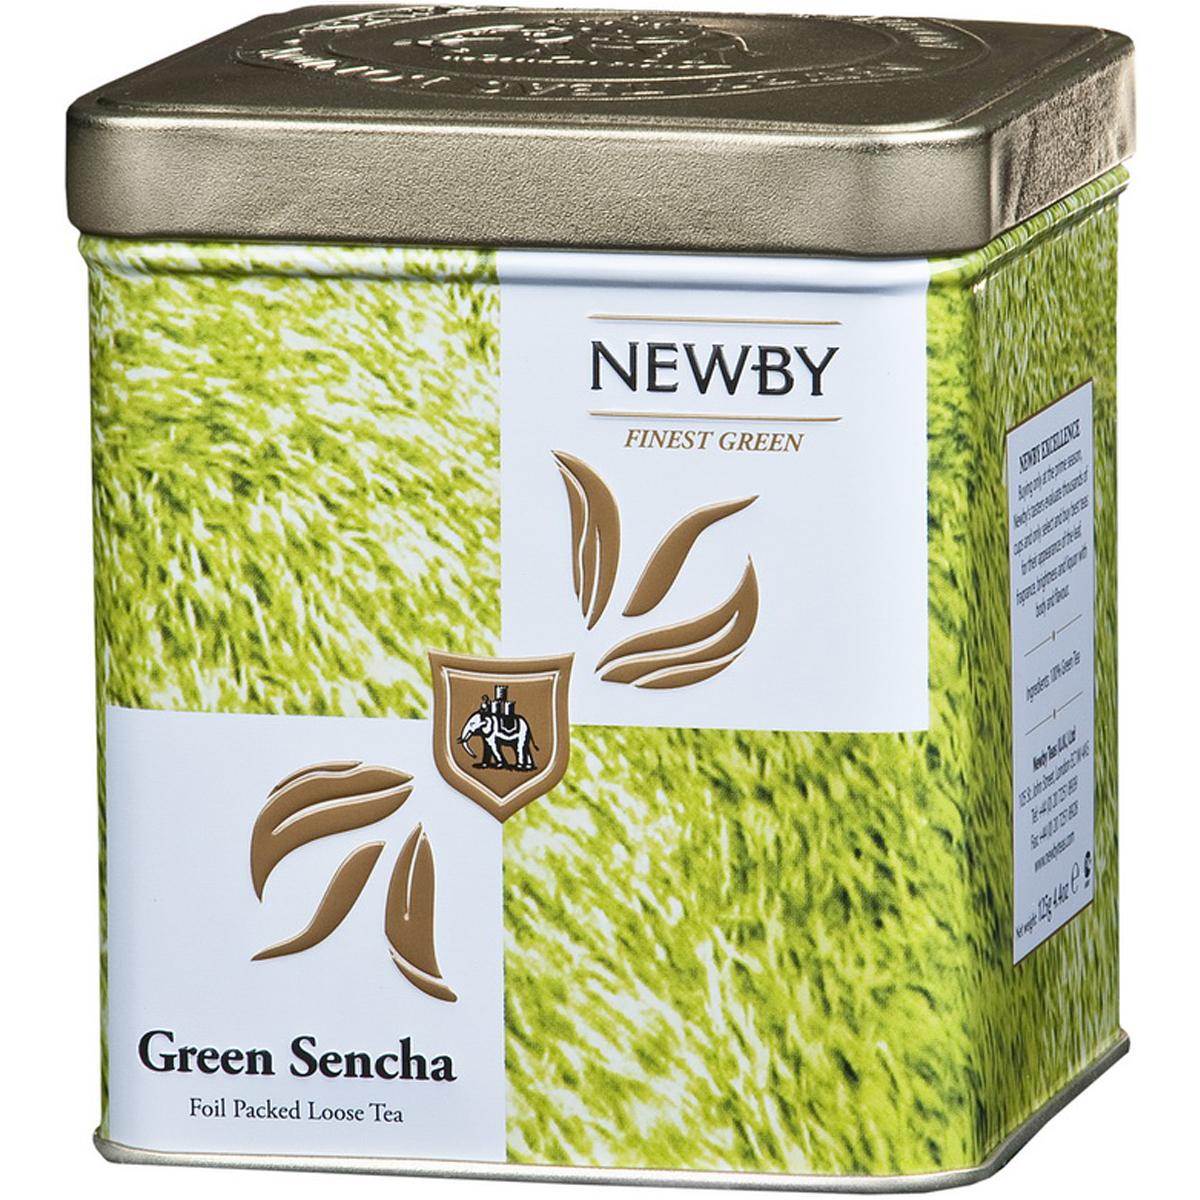 Newby Green Sencha Safari зеленый листовой чай, 125 г132080Собранные ранней весной, чайные листья этого самого популярного сорта зеленого чая Newby Green Sencha Safari обрабатываются паром, что позволяет сохранить их первозданную свежесть. Обладает насыщенным превосходным ароматом риса.